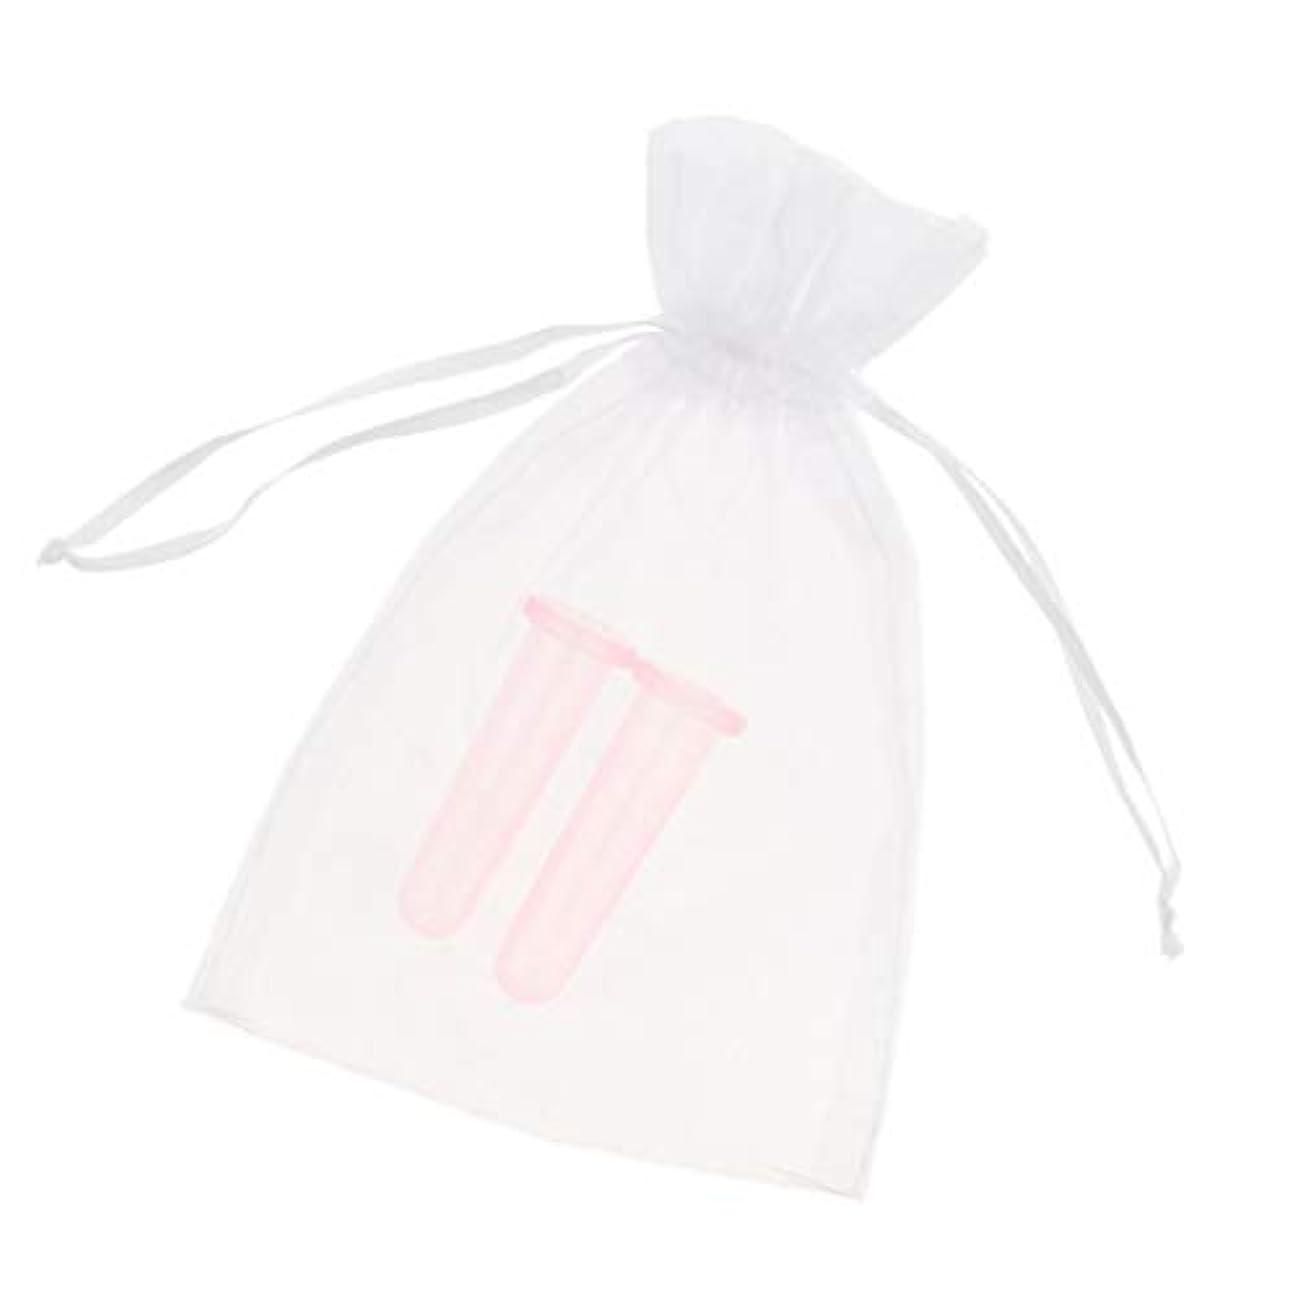 静的コイン夕暮れシリコンカッピング吸い玉 真空カッピング デトックス マッサージカップ 収納ポーチ付き顔用2個全2色 - ピンク